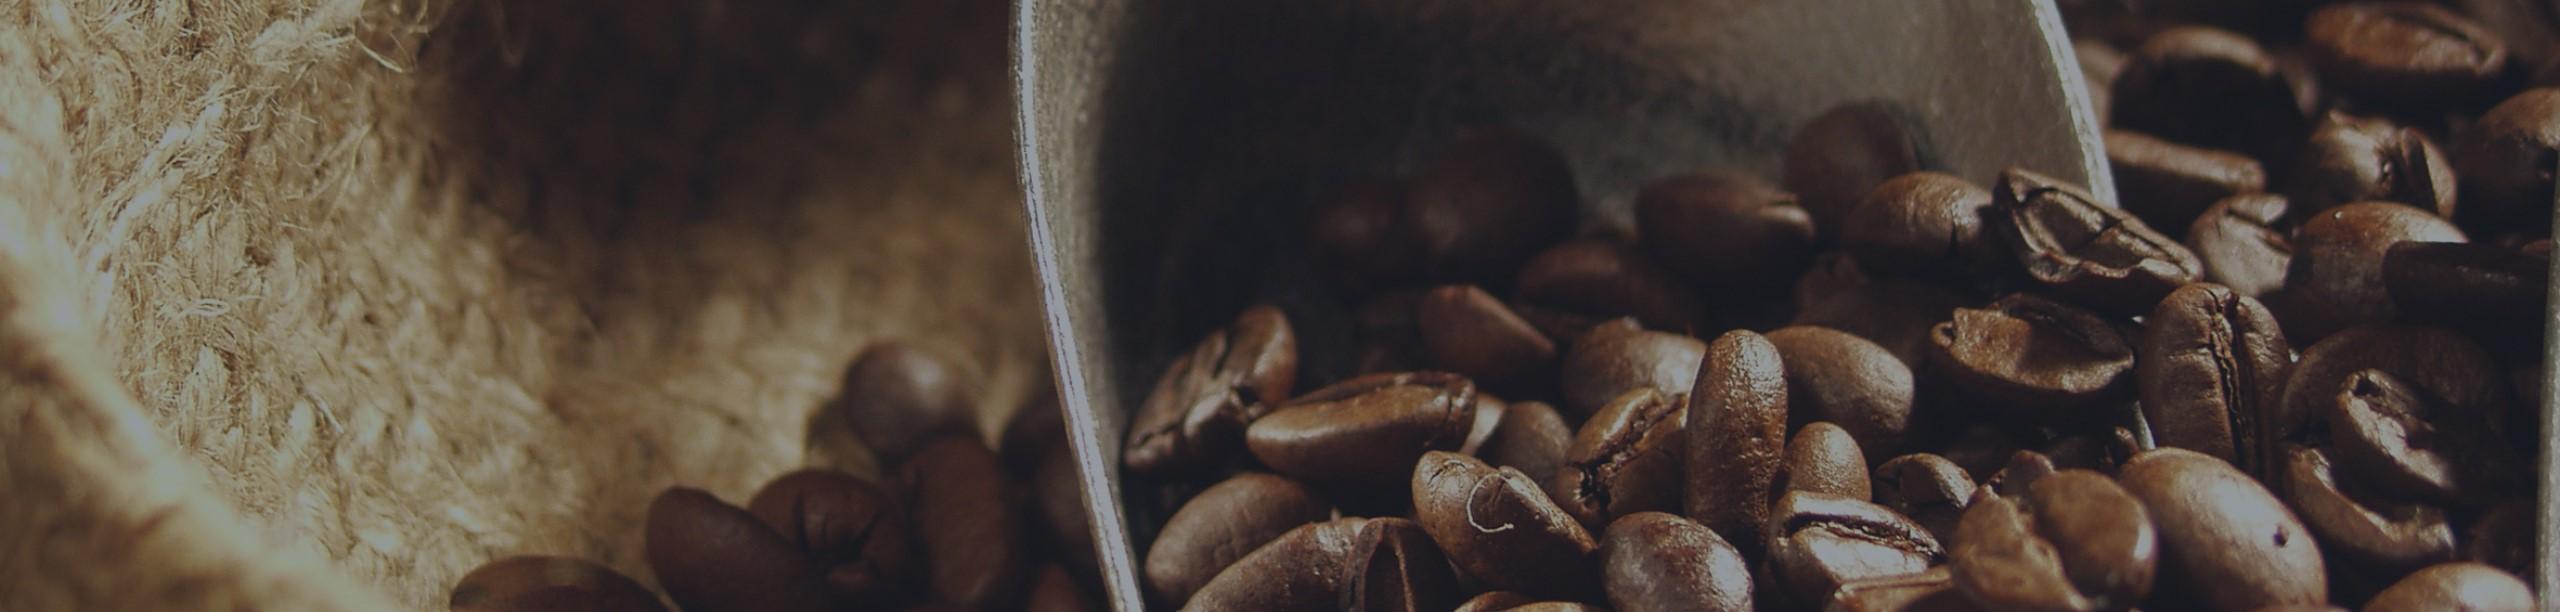 Coffee1-5